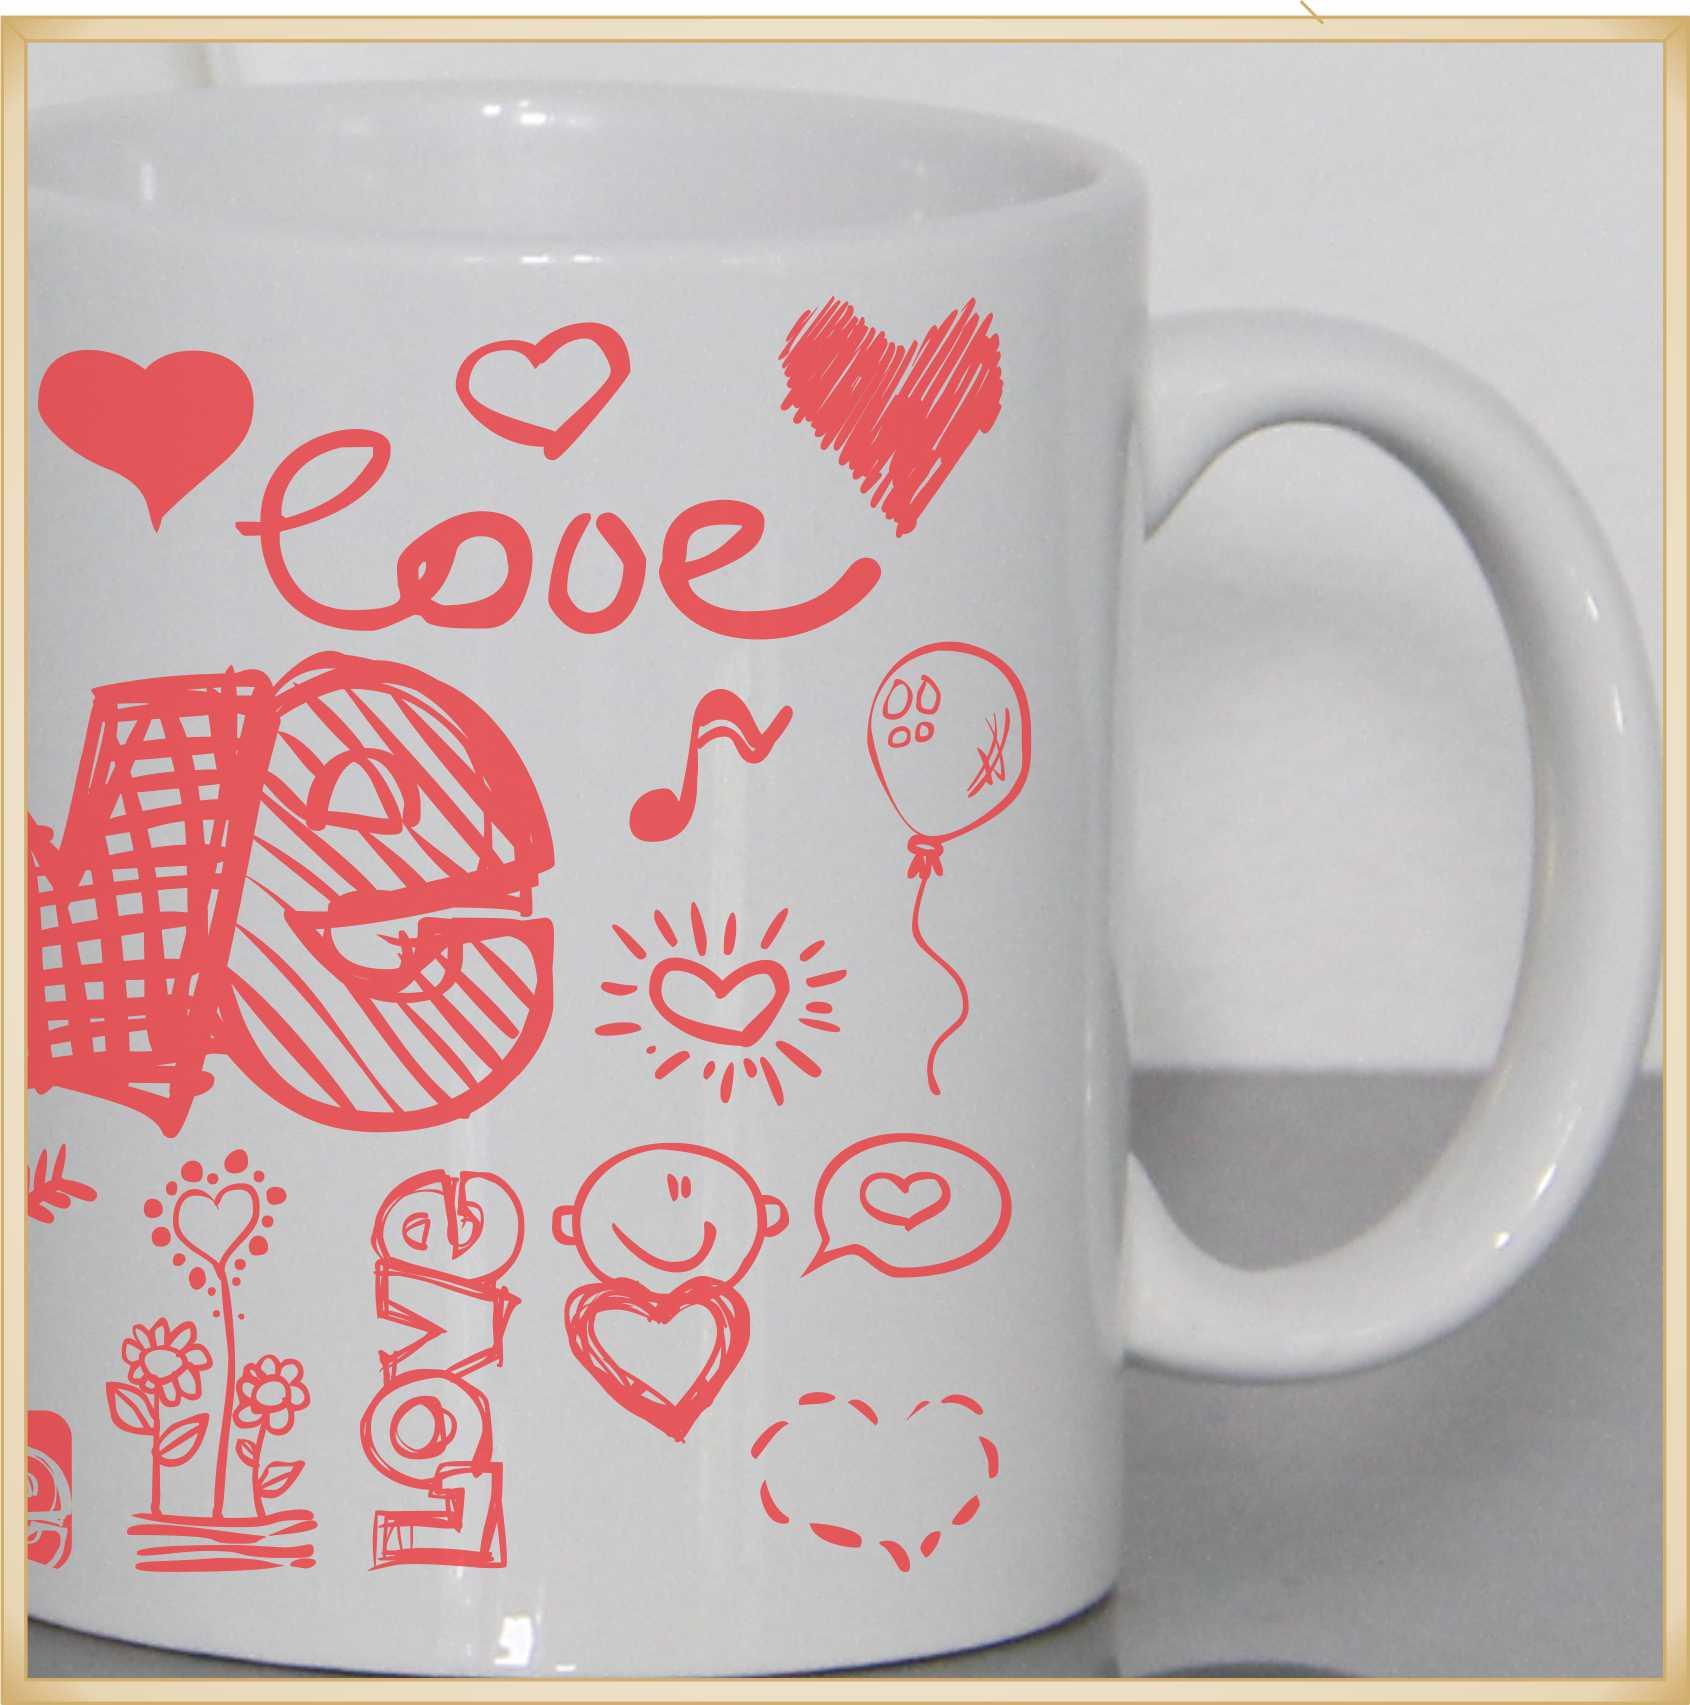 Caneca personalizada para Namorados  I LOVE YOU